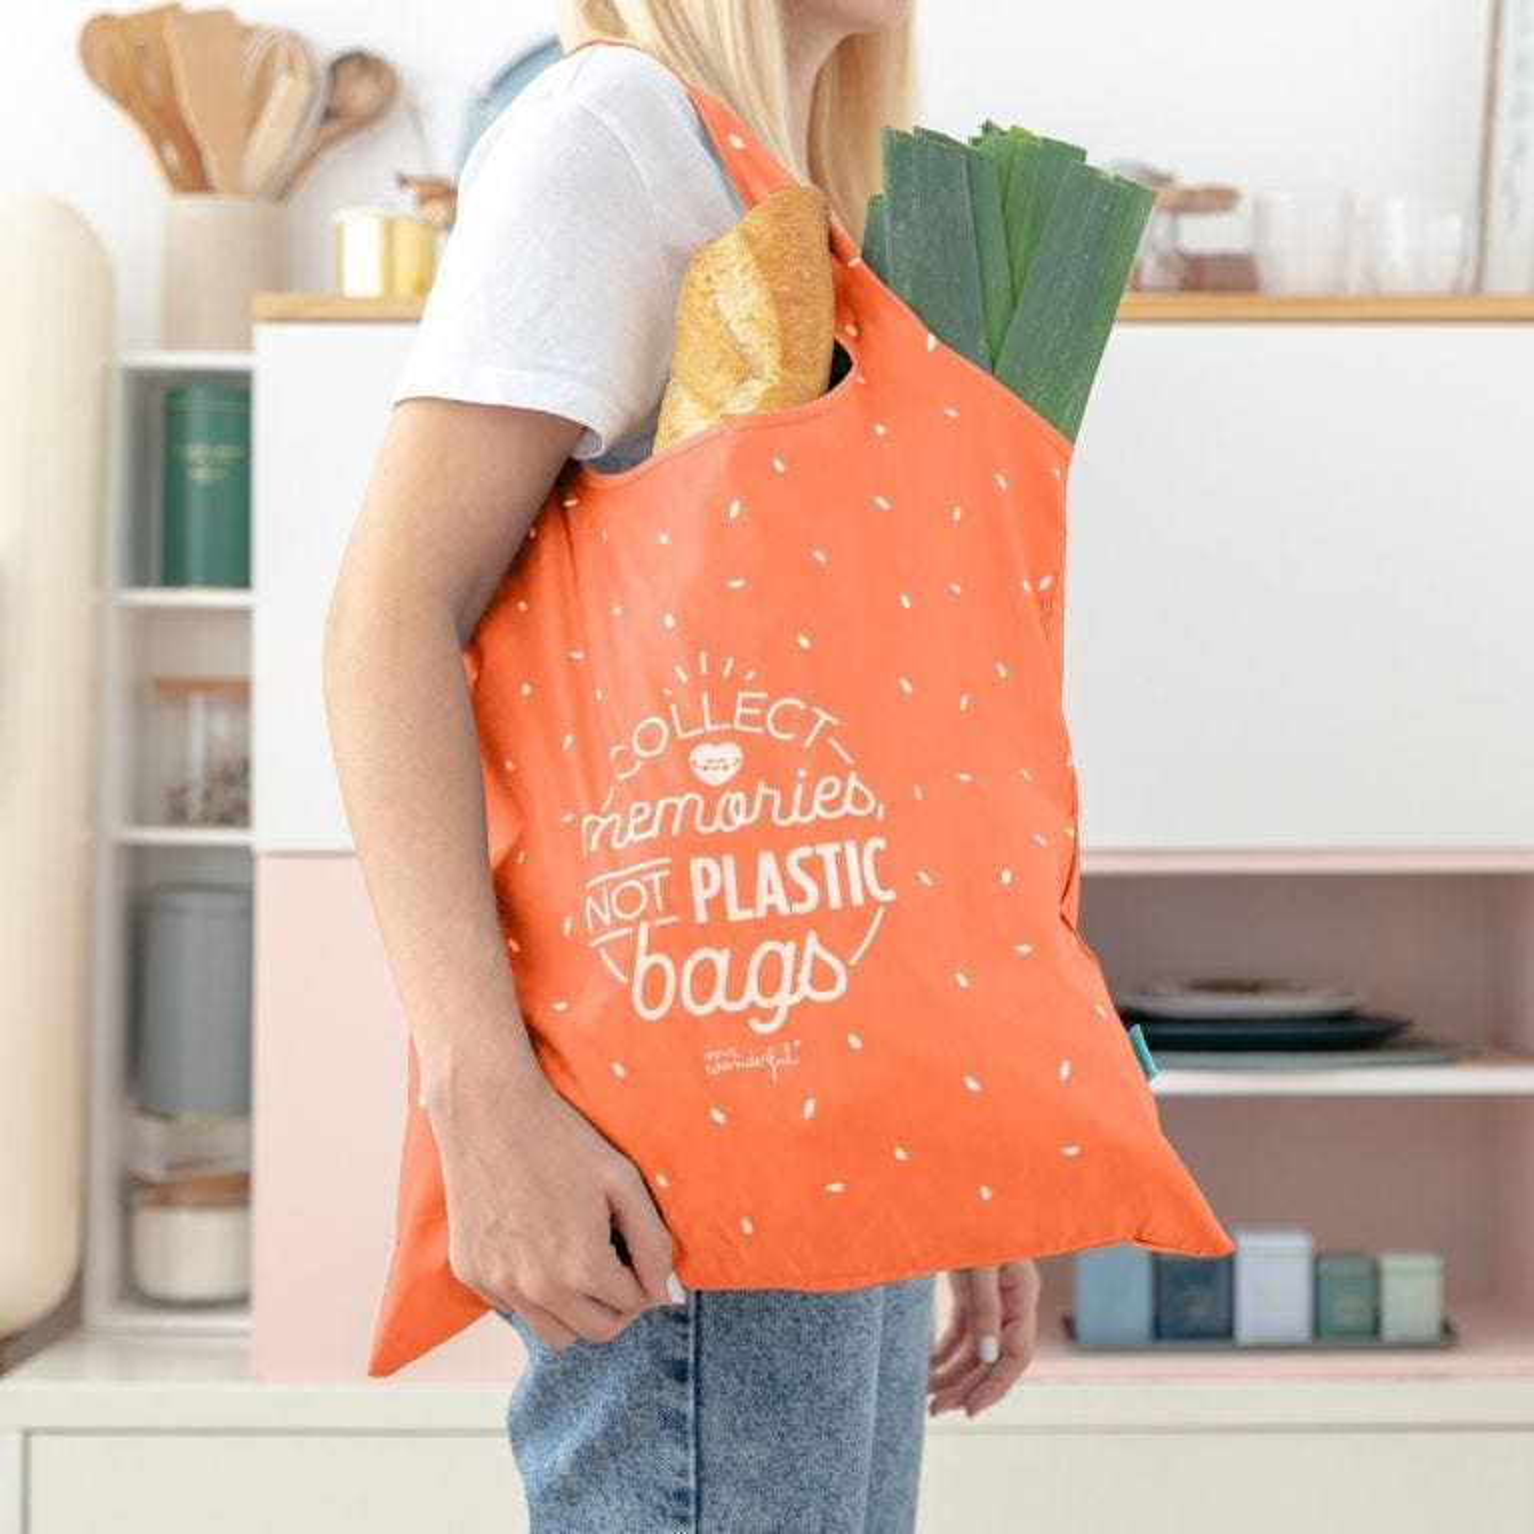 Borsa della spesa pieghevole arancione - Collect memories, not plastic bags